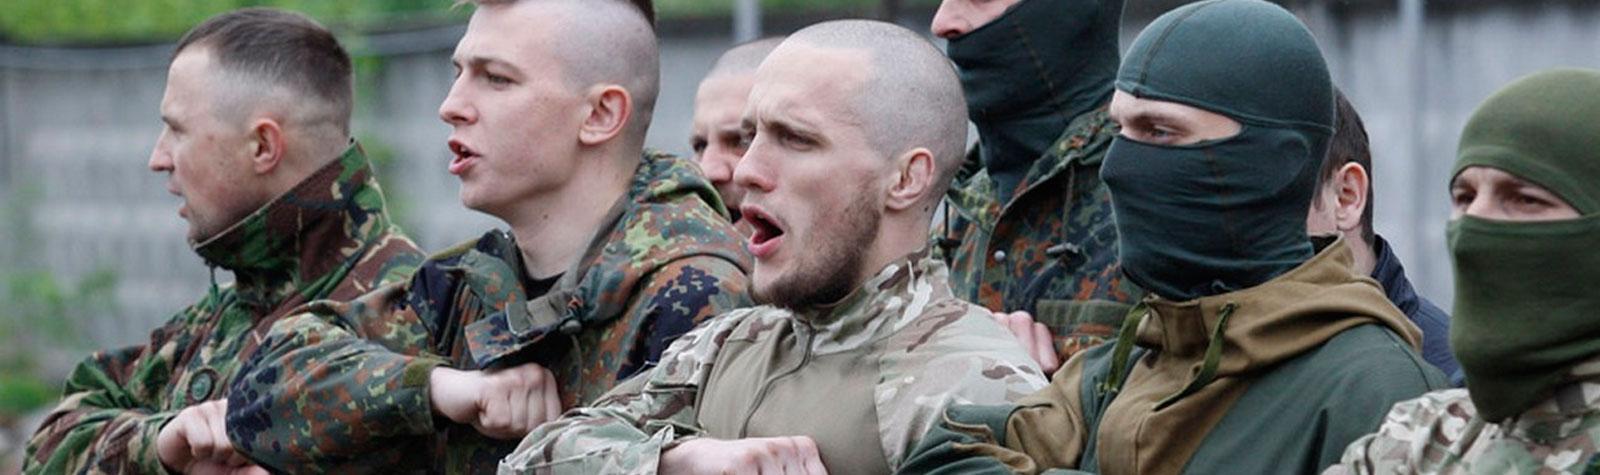 О том, как фото бойцов Азова возбуждают модераторов Facebook